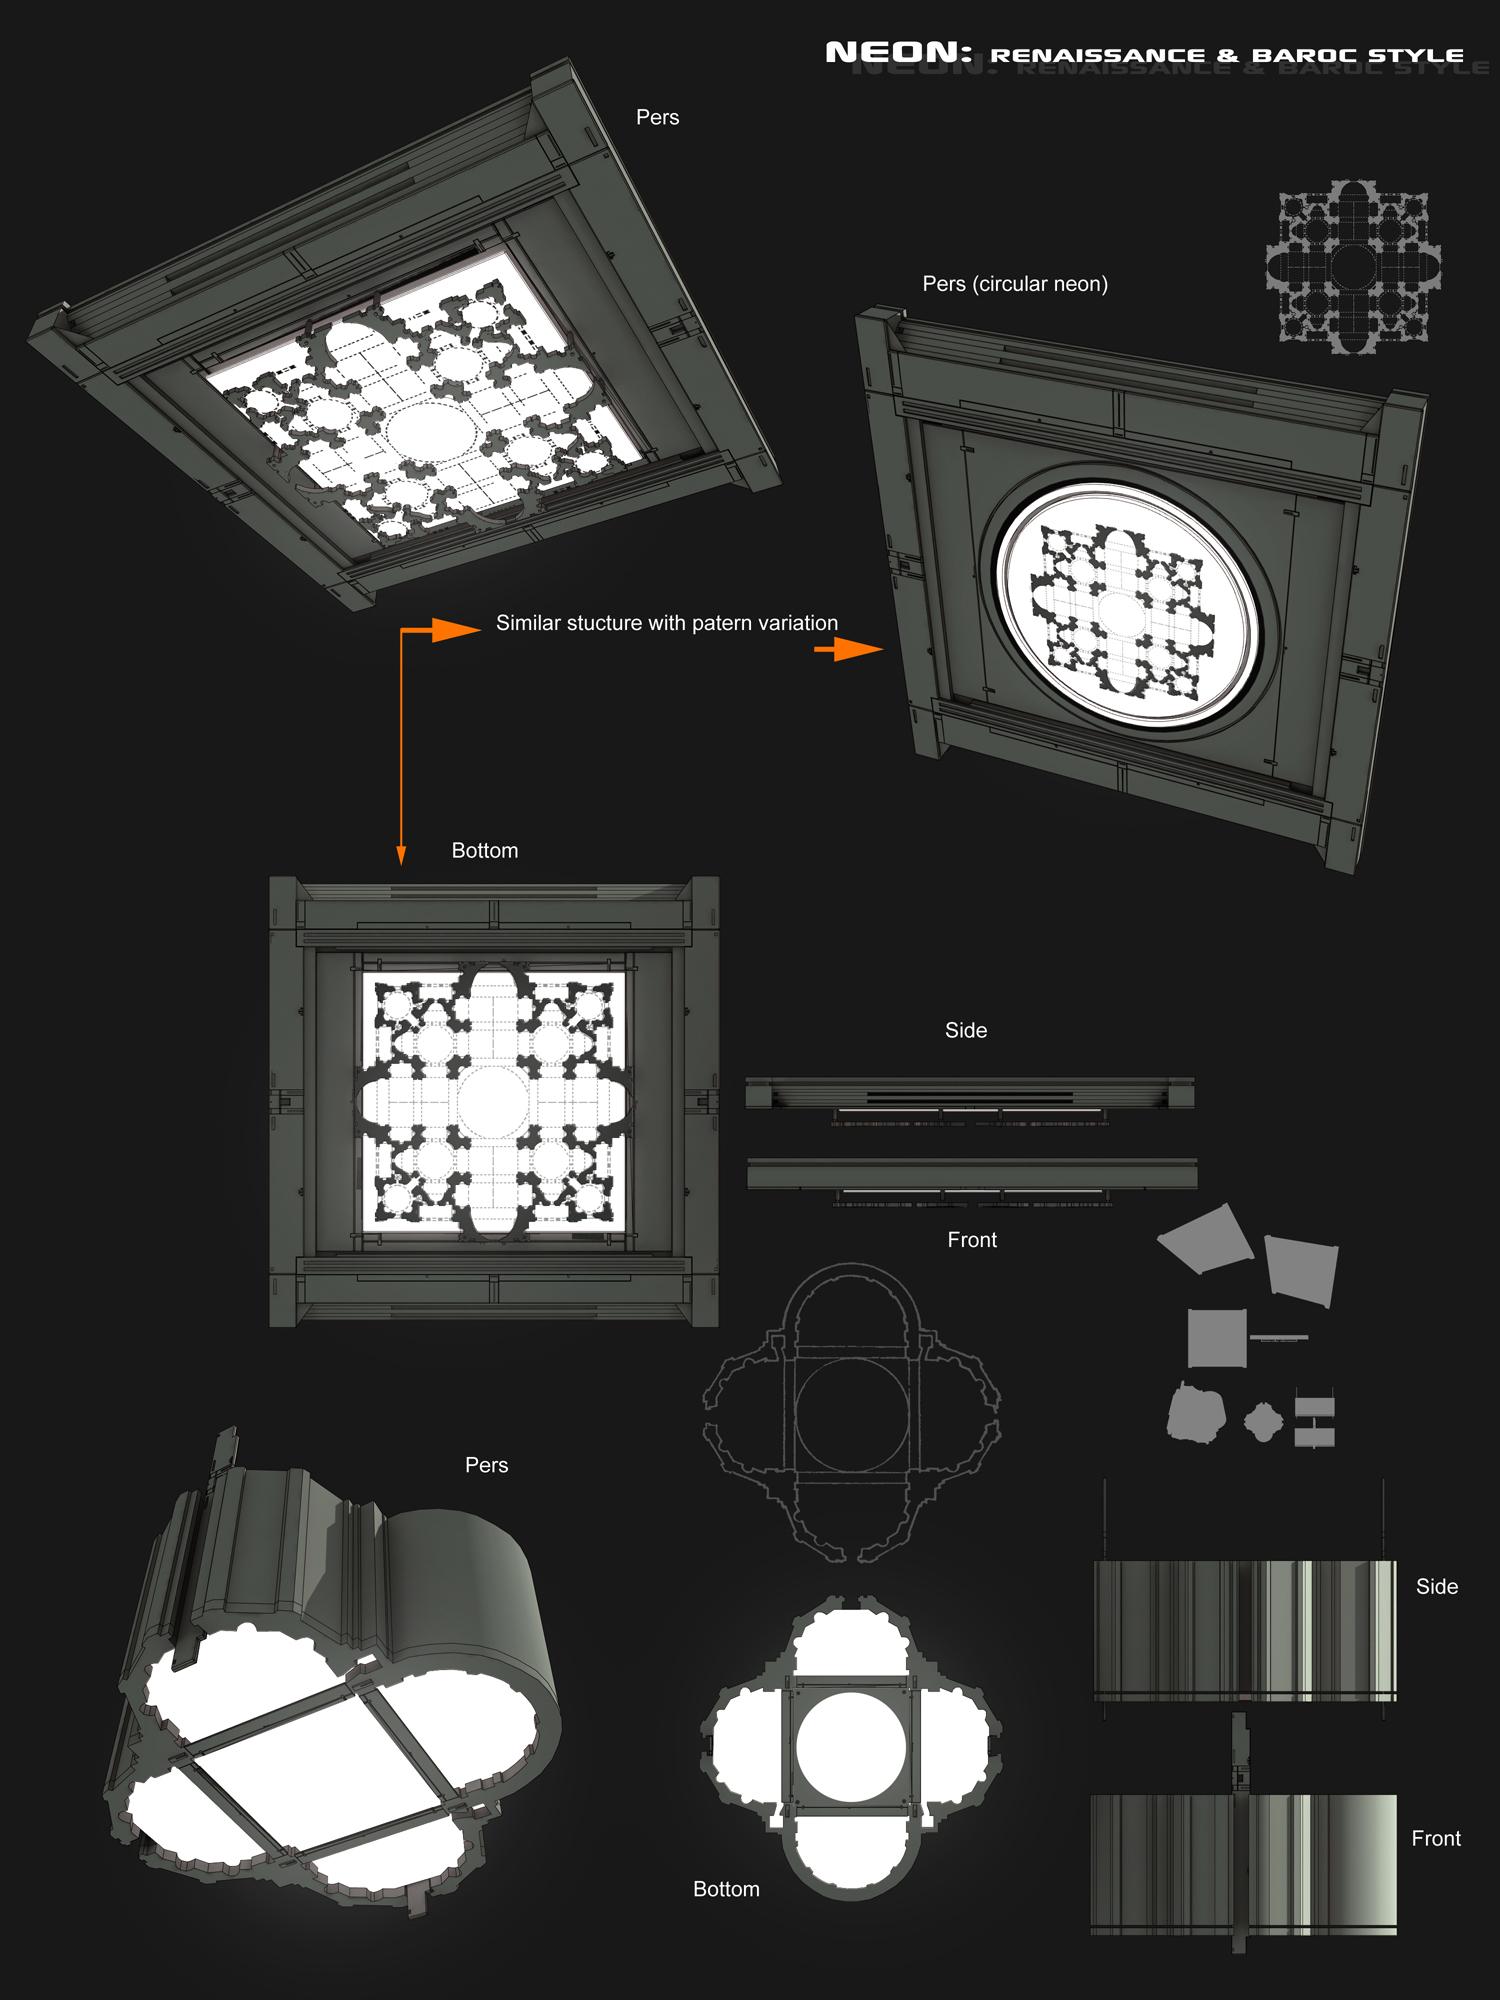 Neon_renaissance_Baroq_Design_Rainart